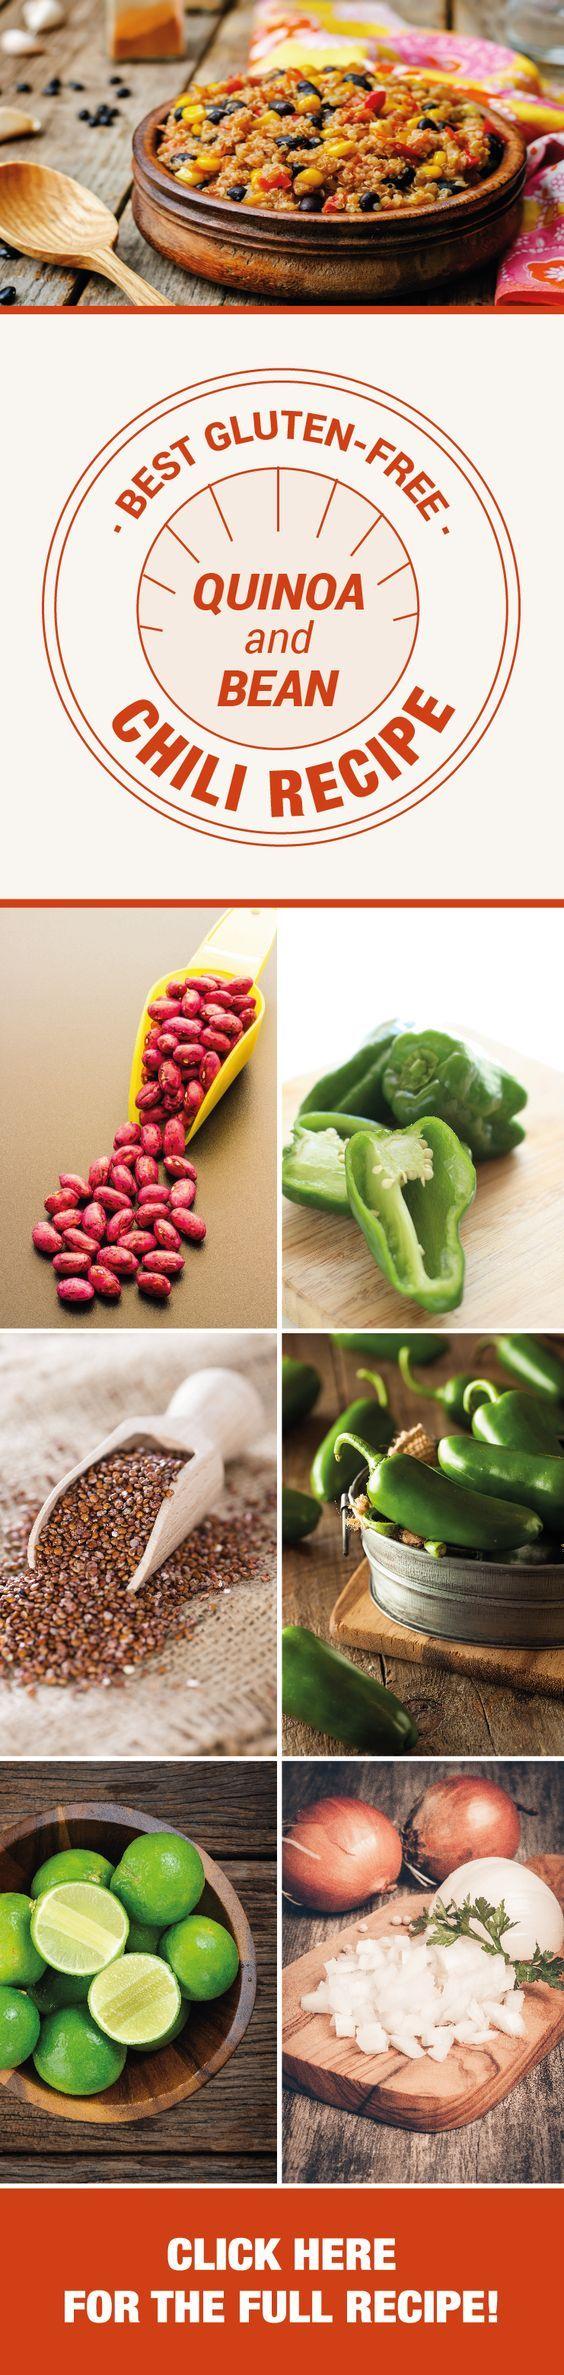 Diet plan for nafld